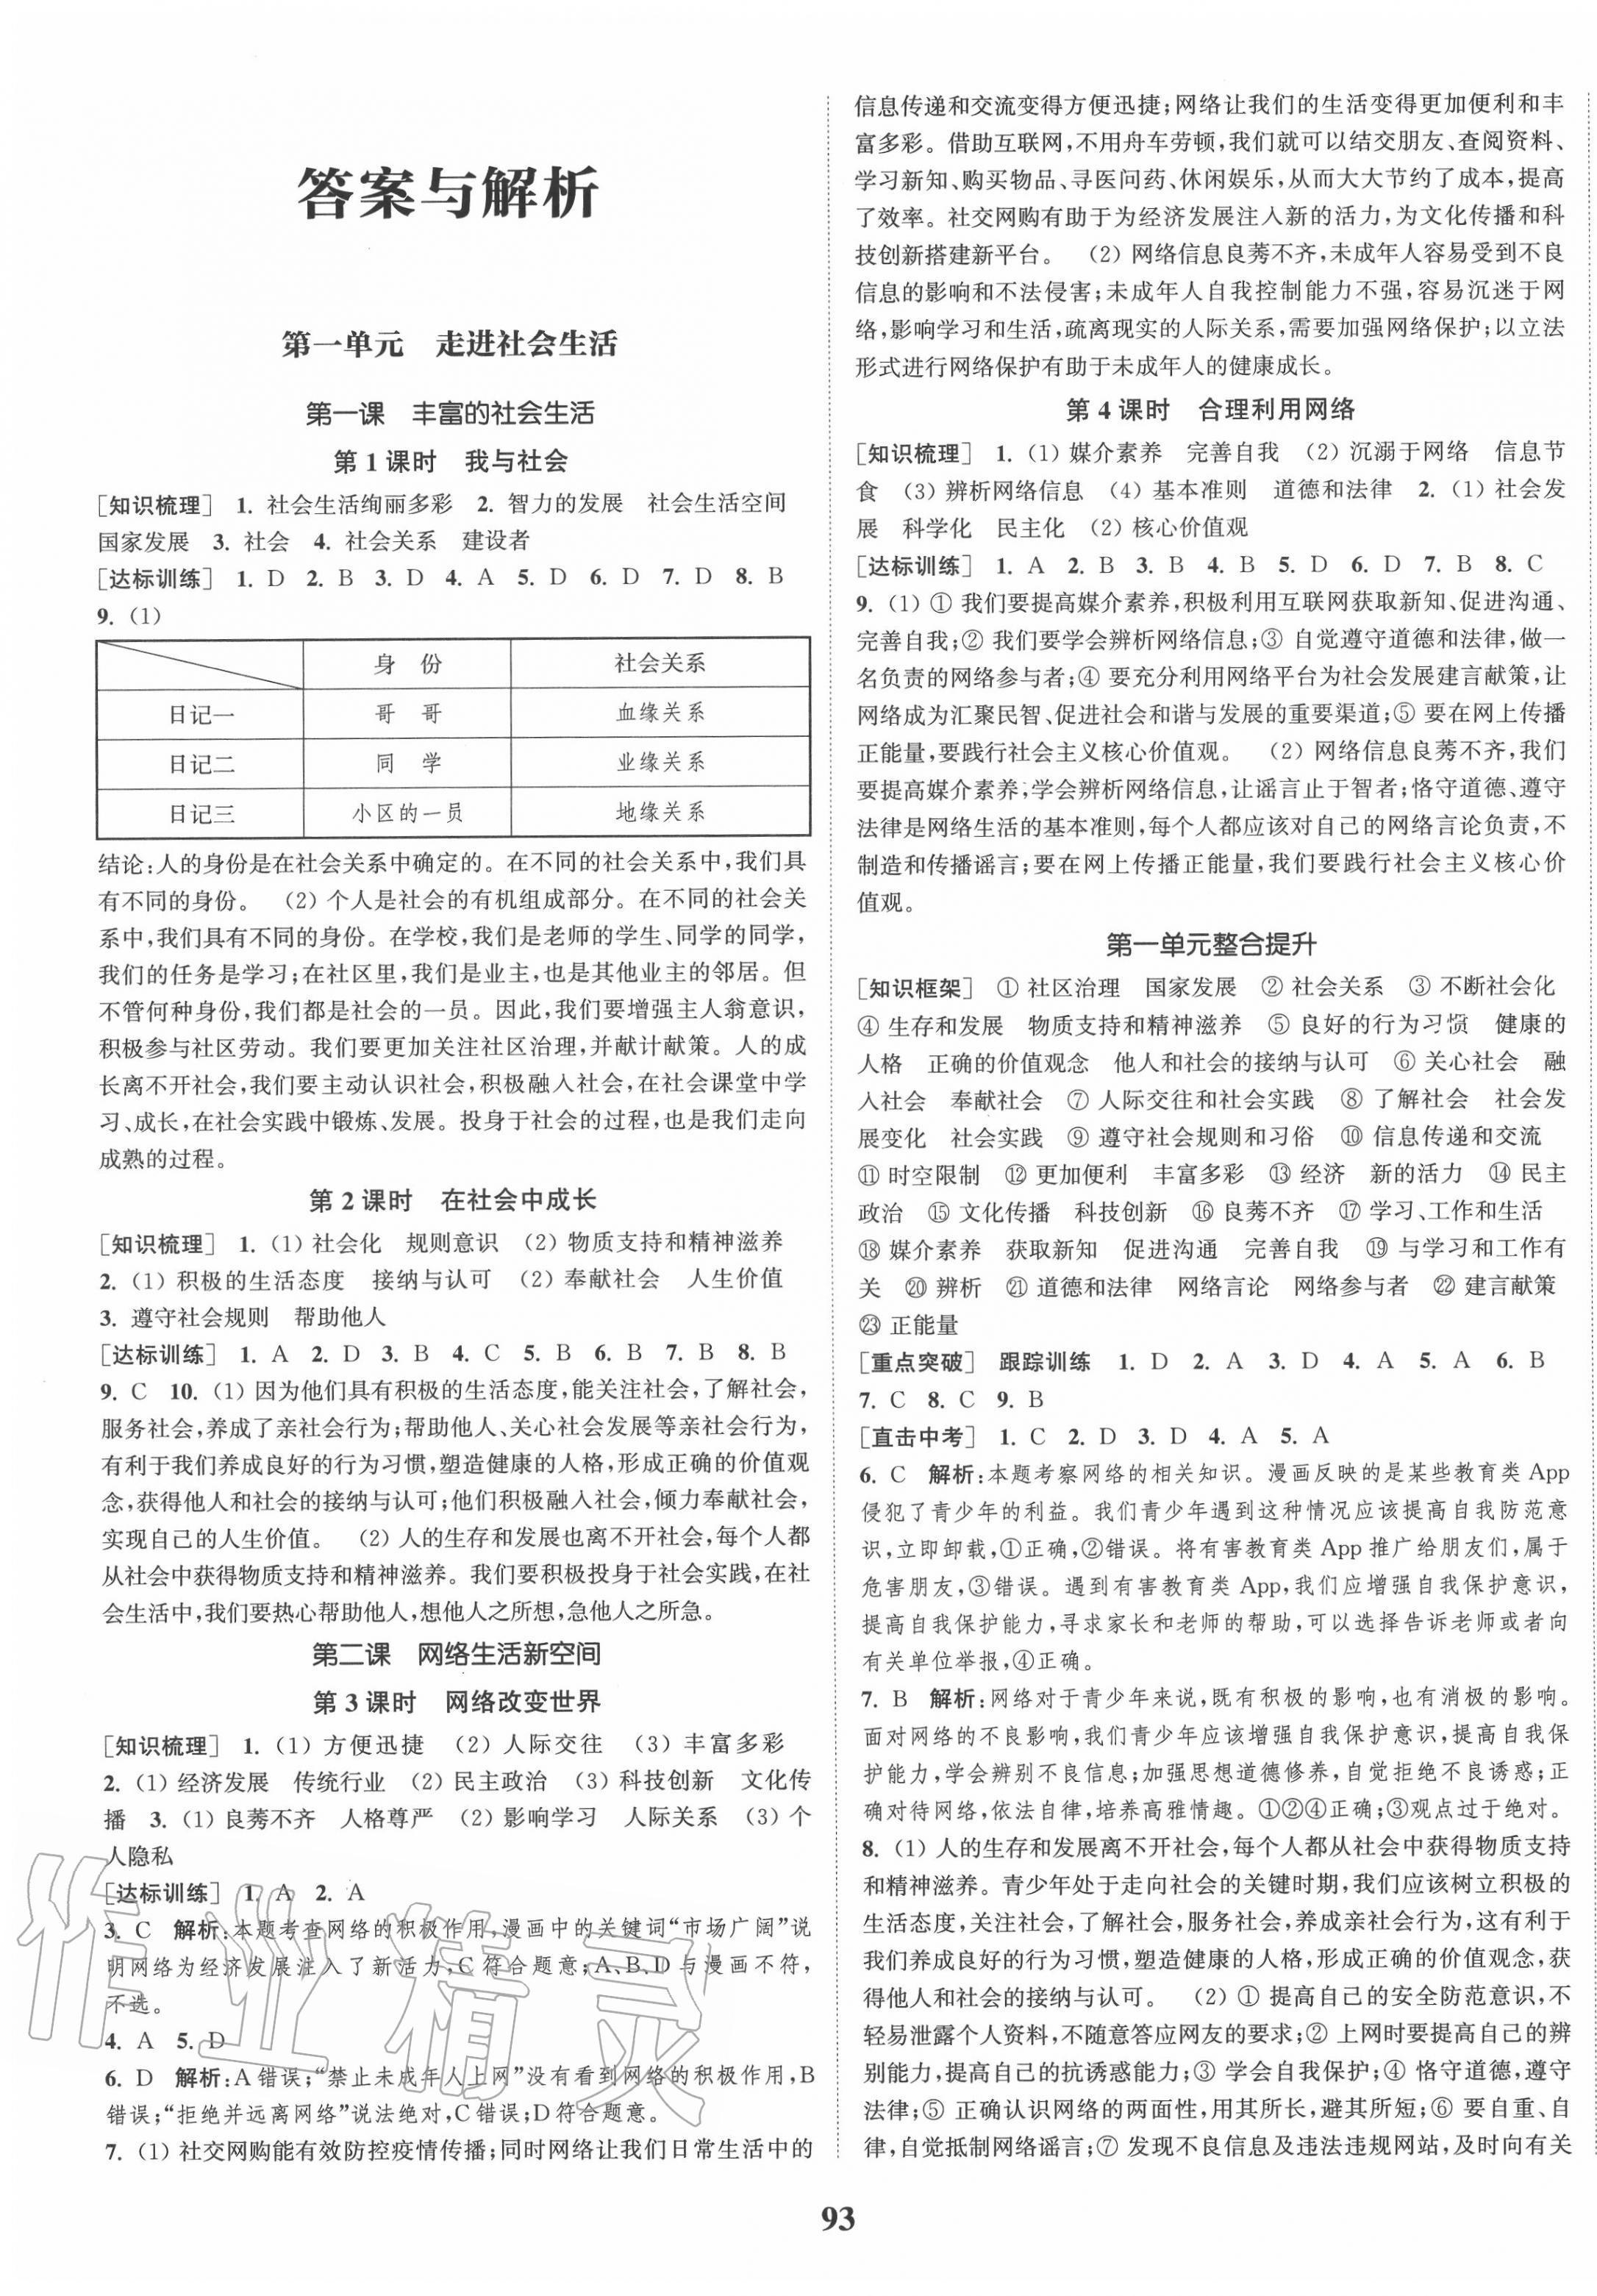 2020年通城学典课时作业本八年级道德与法治上册人教版江苏专用第1页